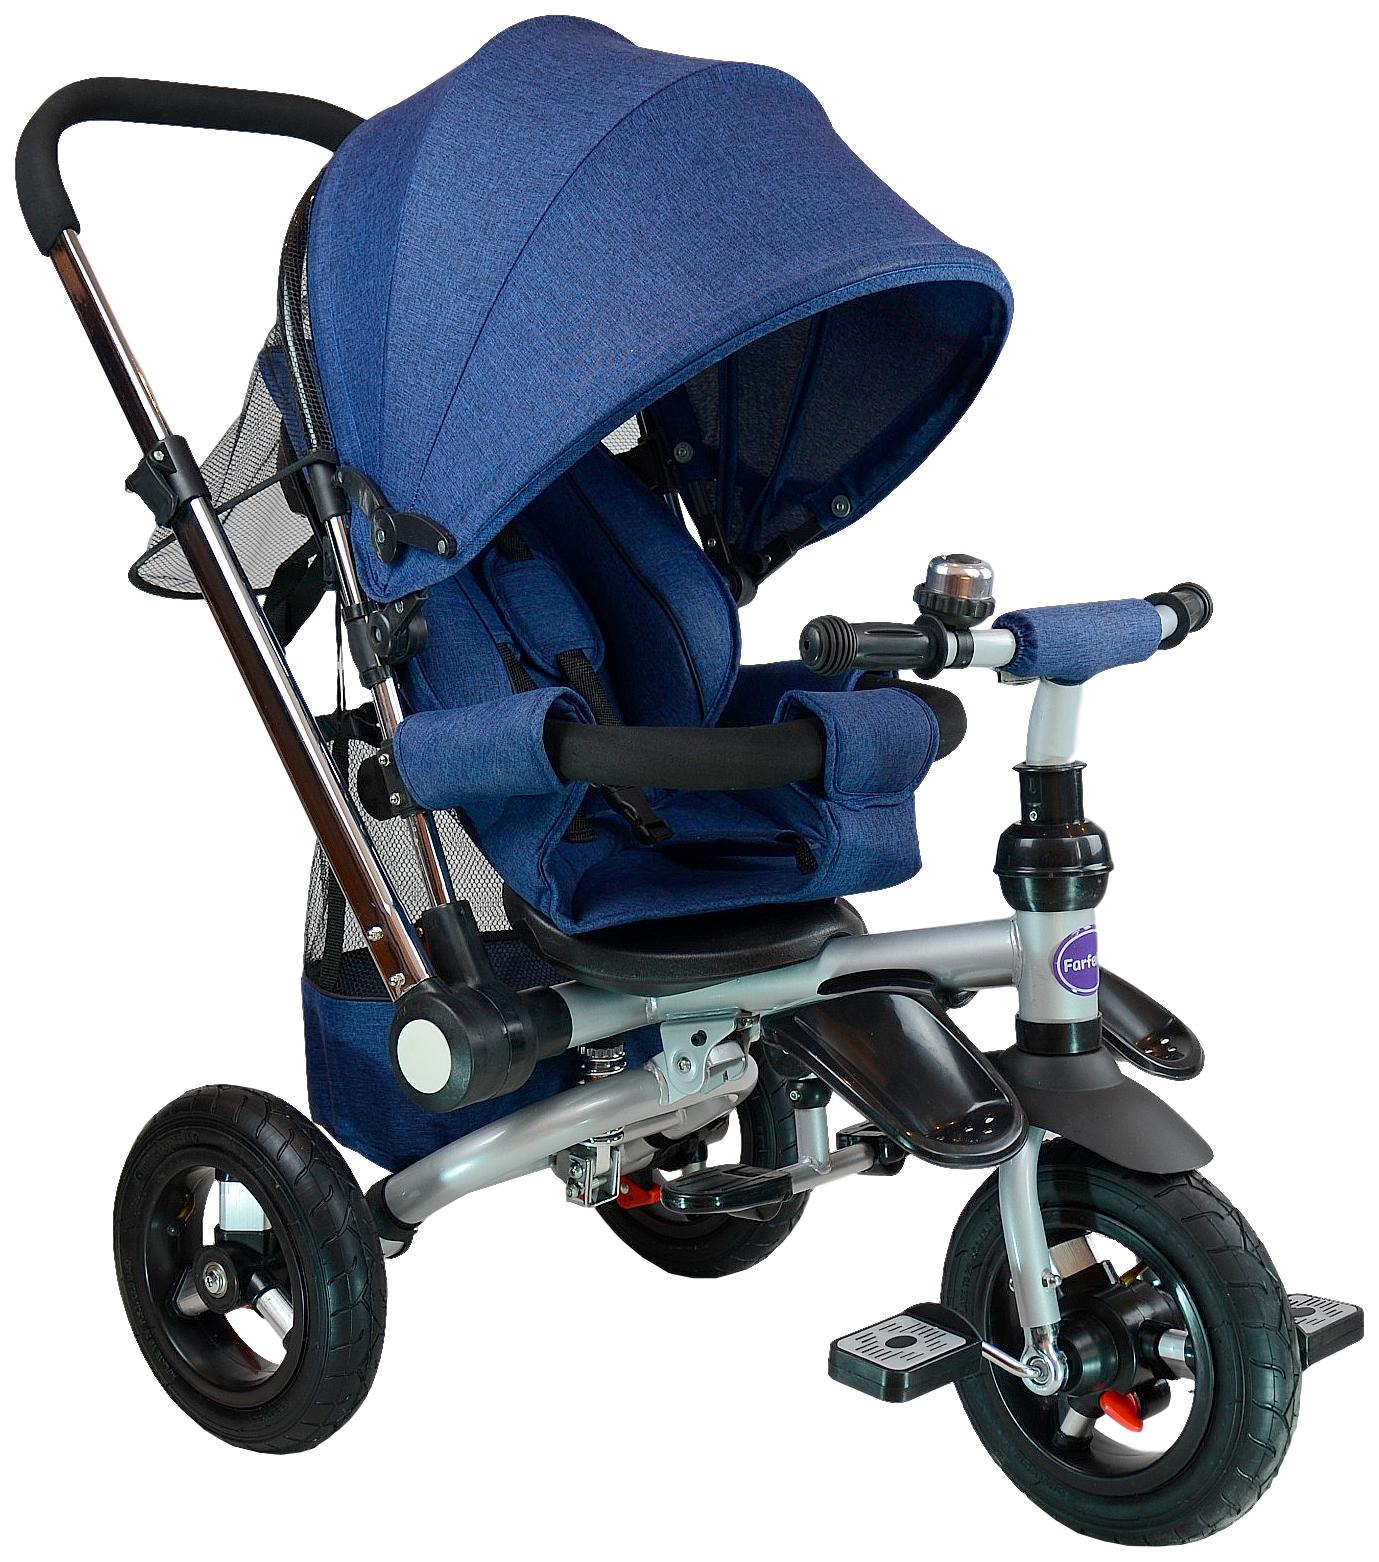 Велосипед трехколесный Farfello TSTX011 лен синий, Детские велосипеды-коляски  - купить со скидкой